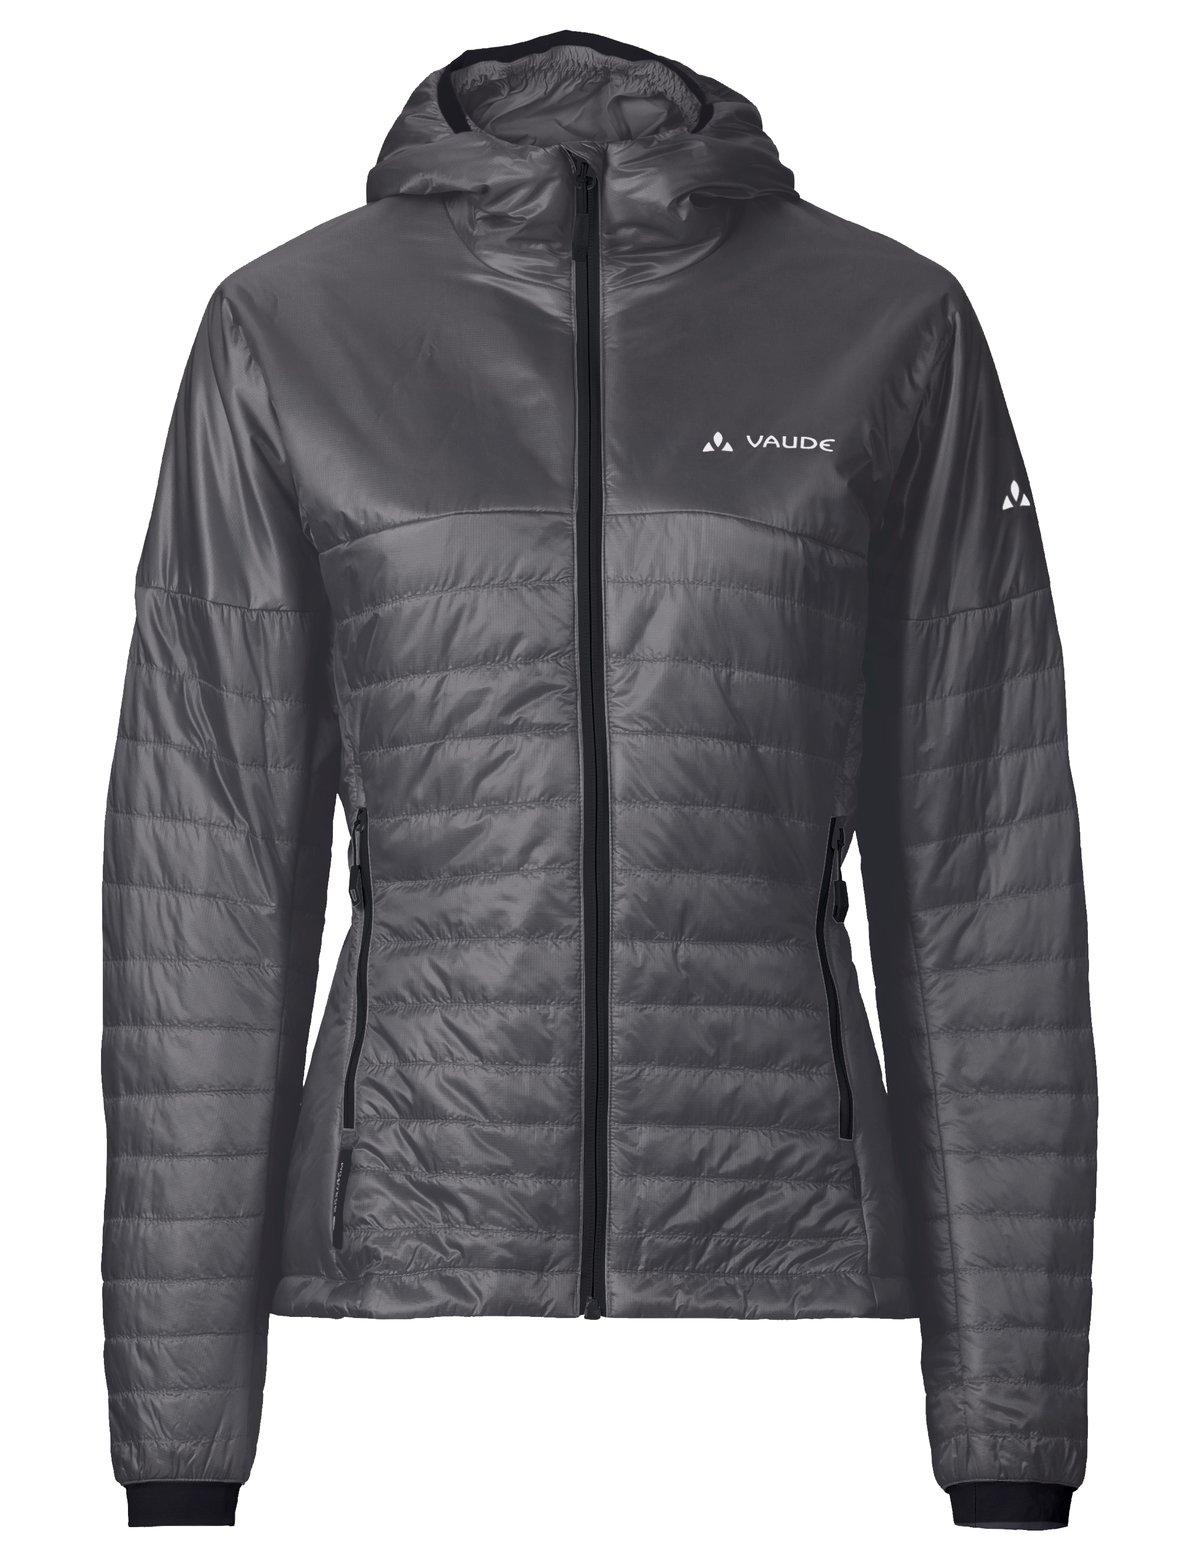 VAUDE Women's Freney Jacket, Iron, Size 40